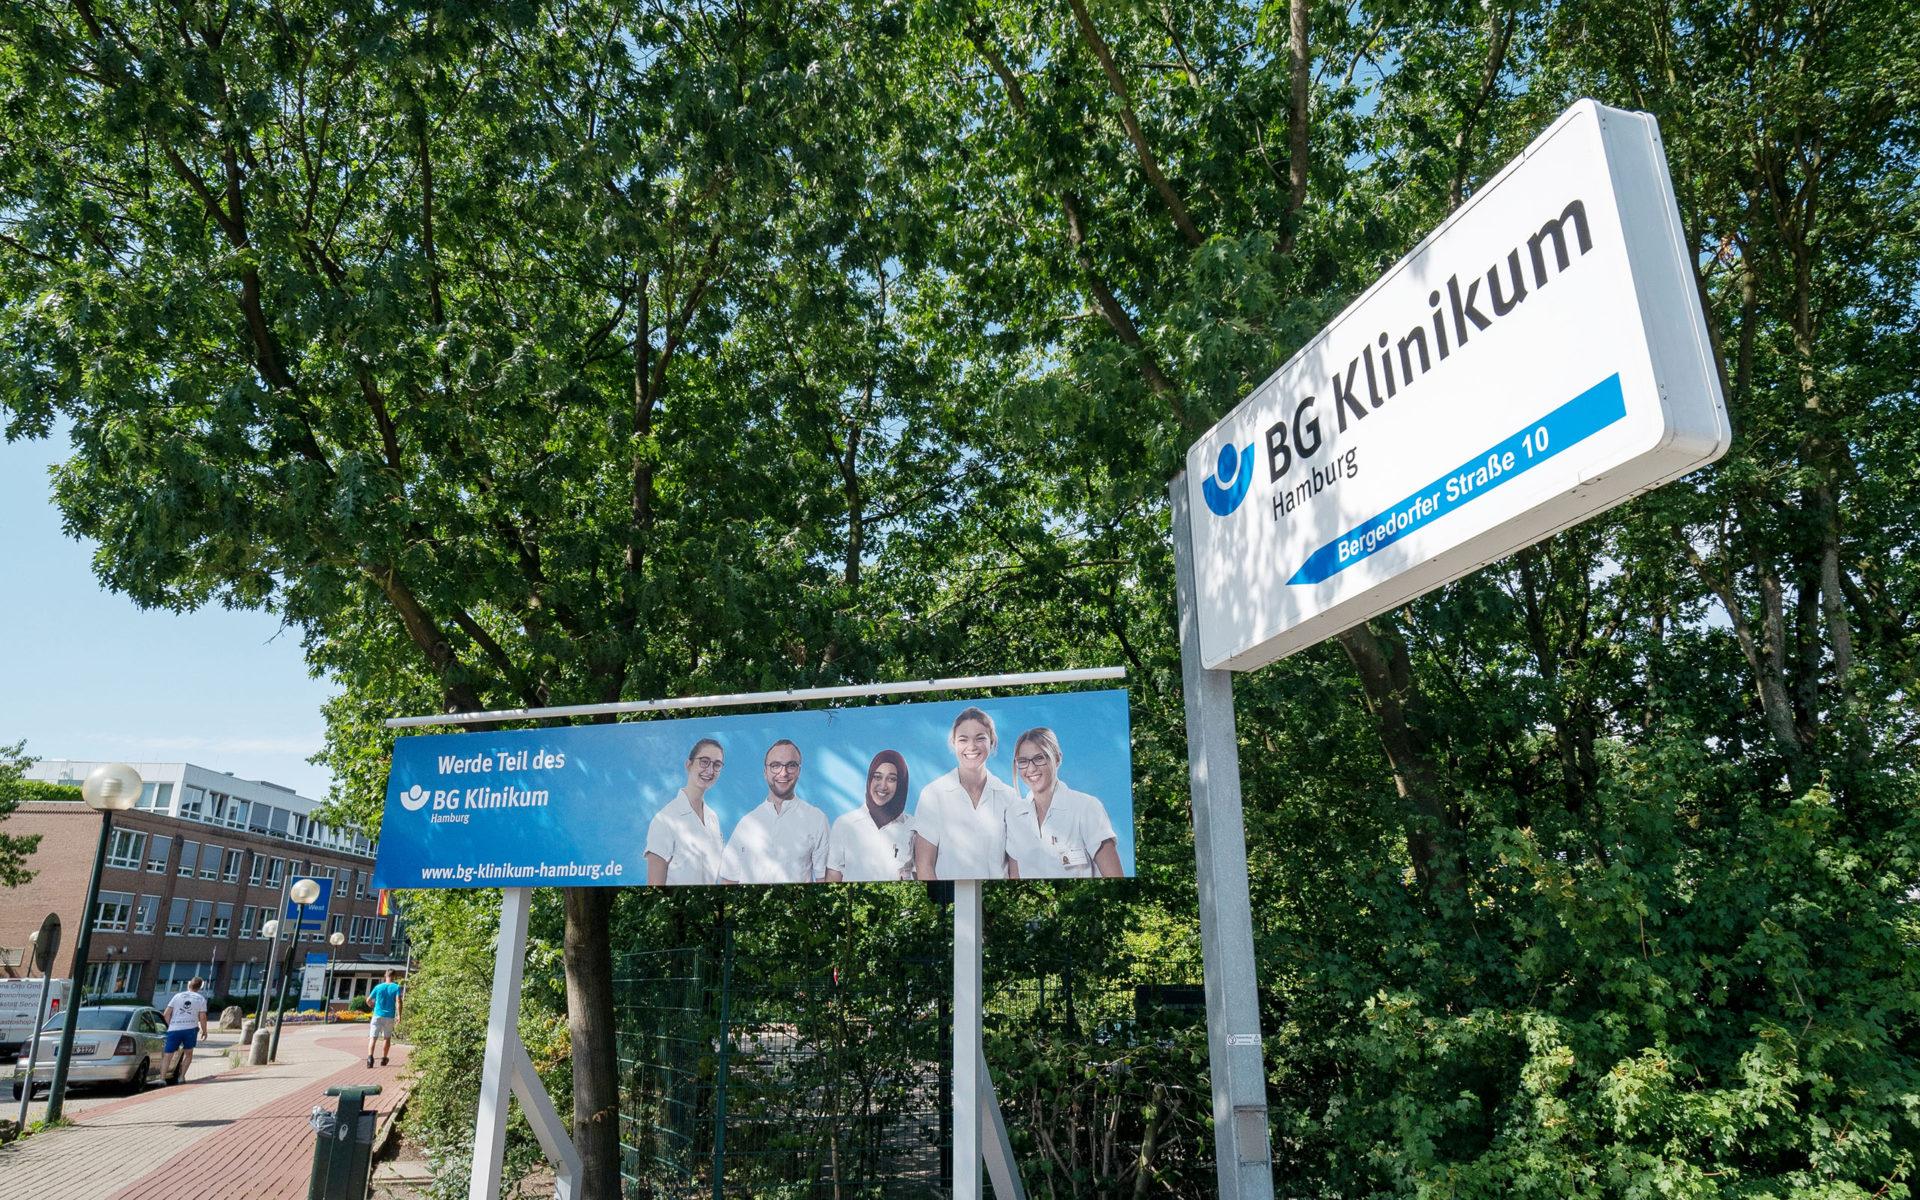 Großformatdruck vor der Zufahrt des BG Klinikums Hamburg